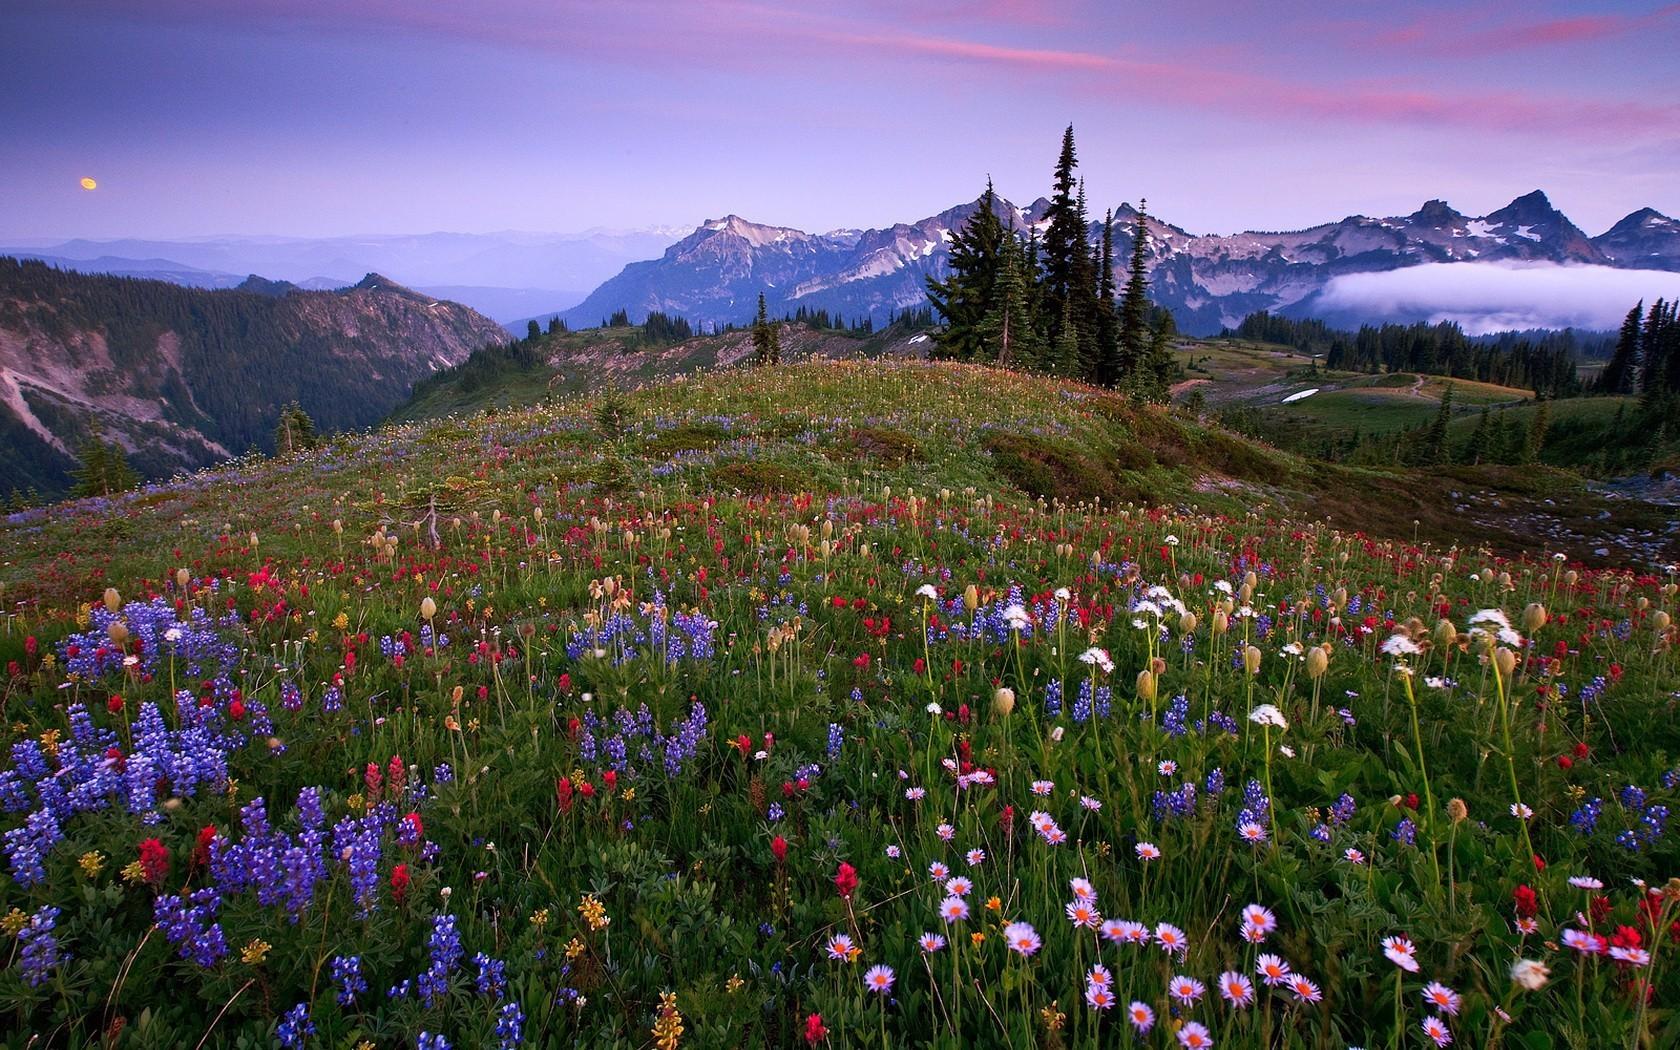 Flores silvestres en montañas - 1680x1050